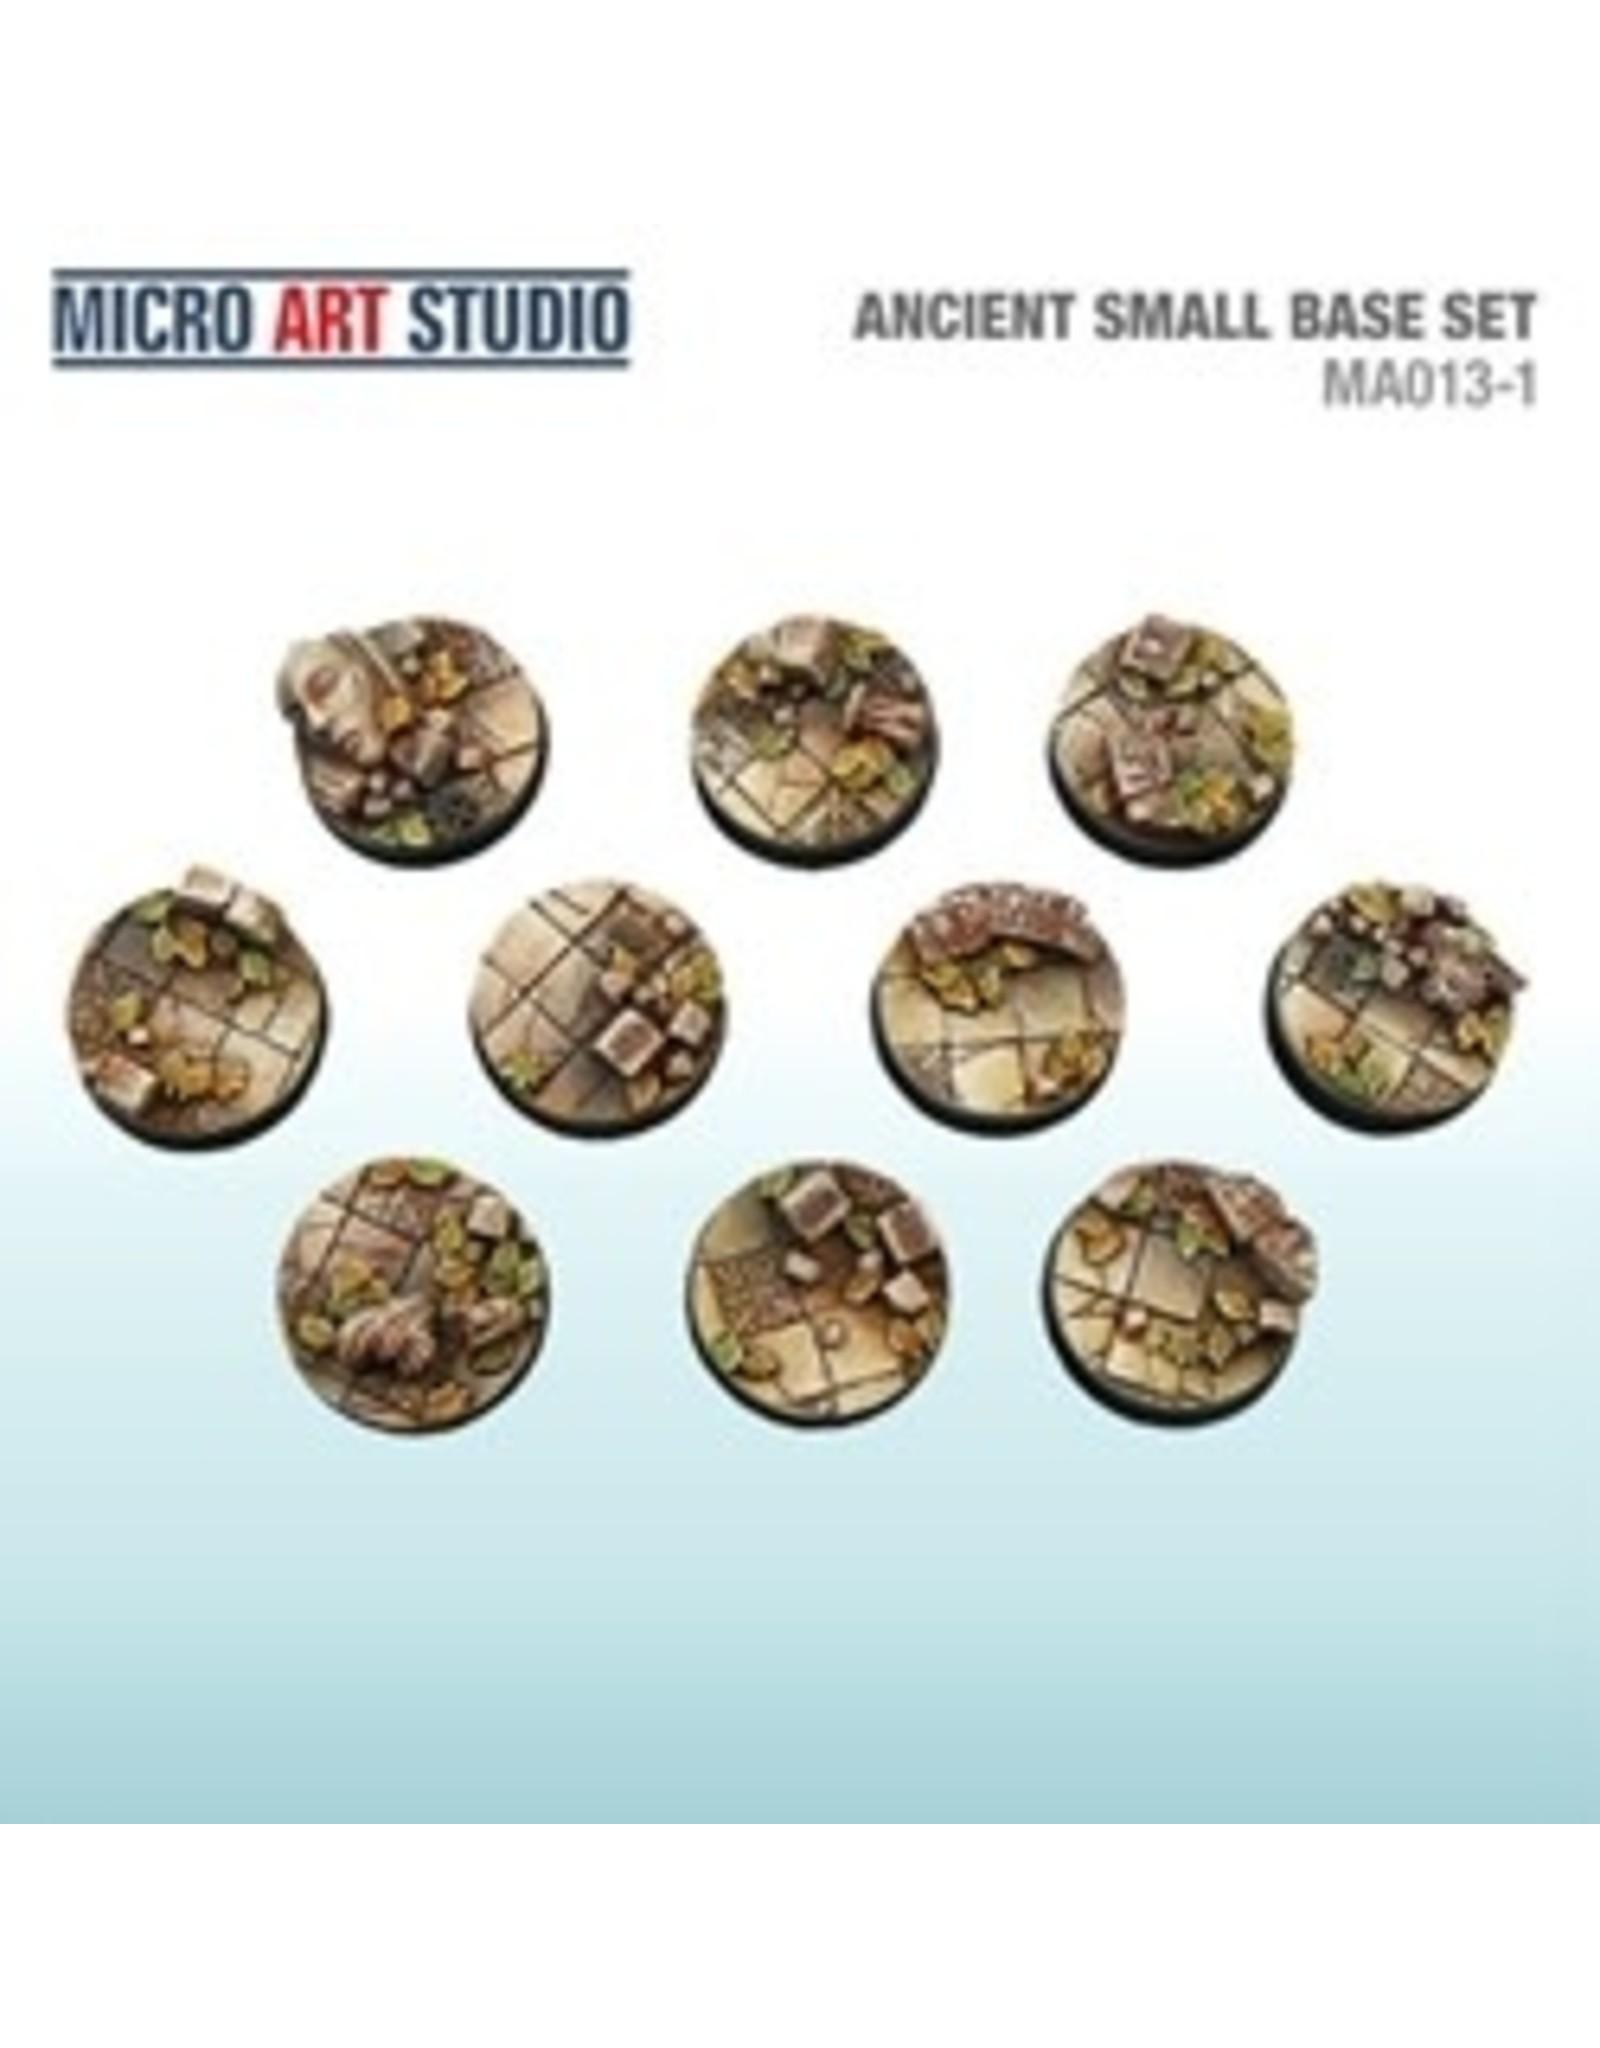 ANCIENT SMALL BASE SET